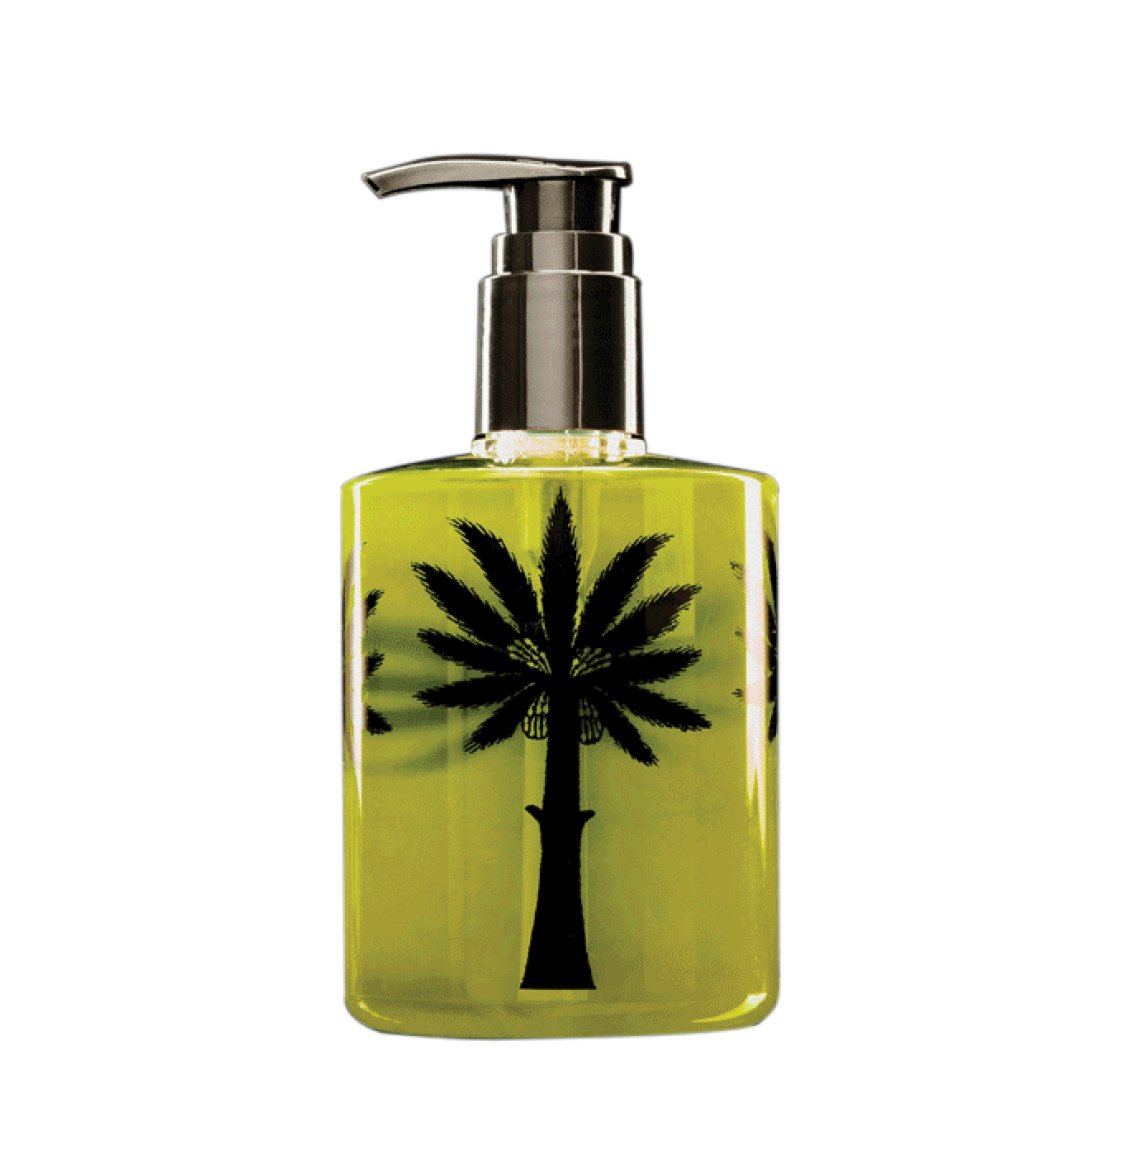 Ortigia Sicilia Fico D' India Liquid Soap 300ml